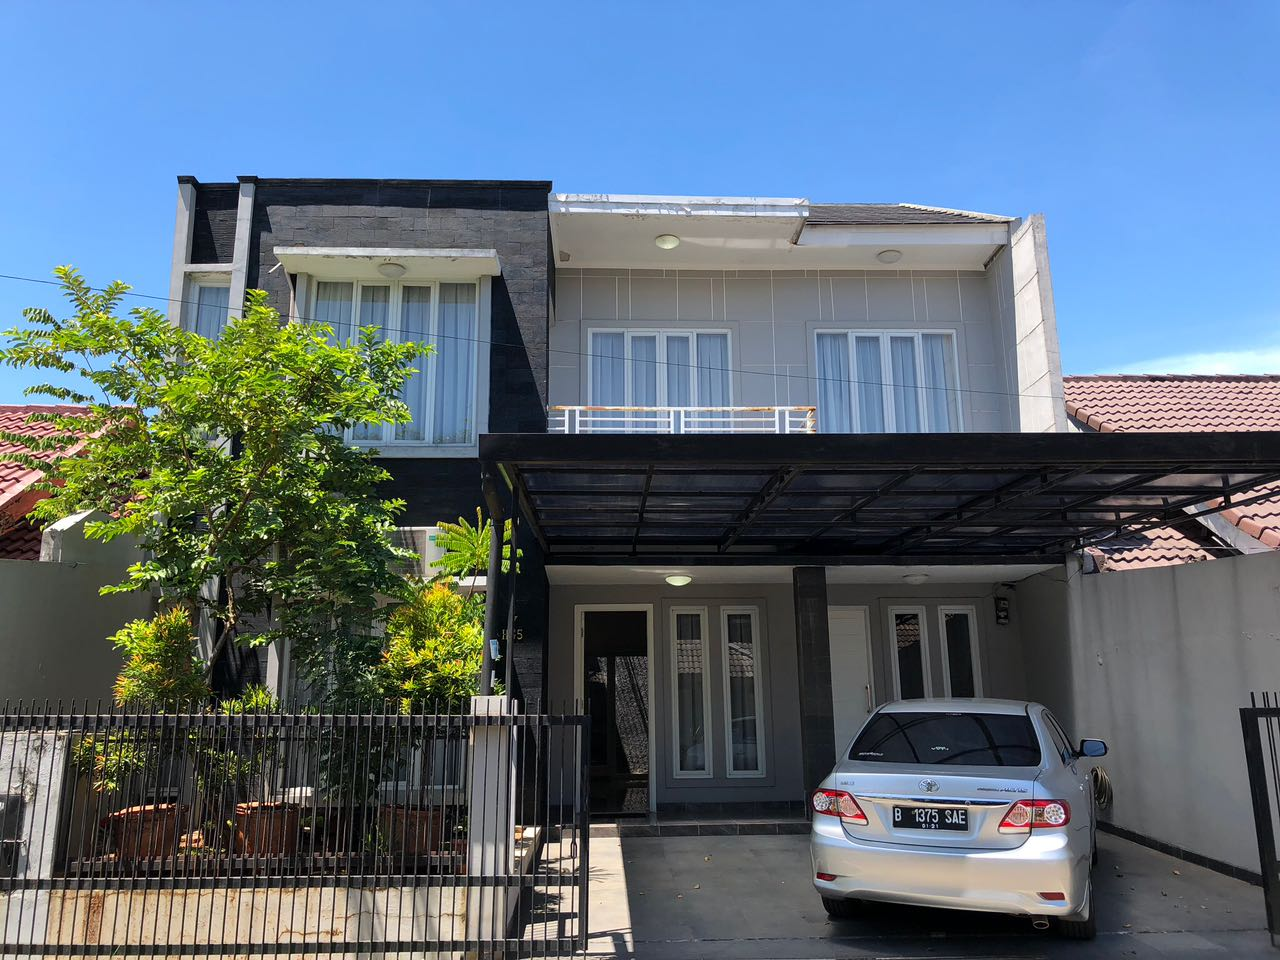 Rumah disewakan di kawasan Bintaro